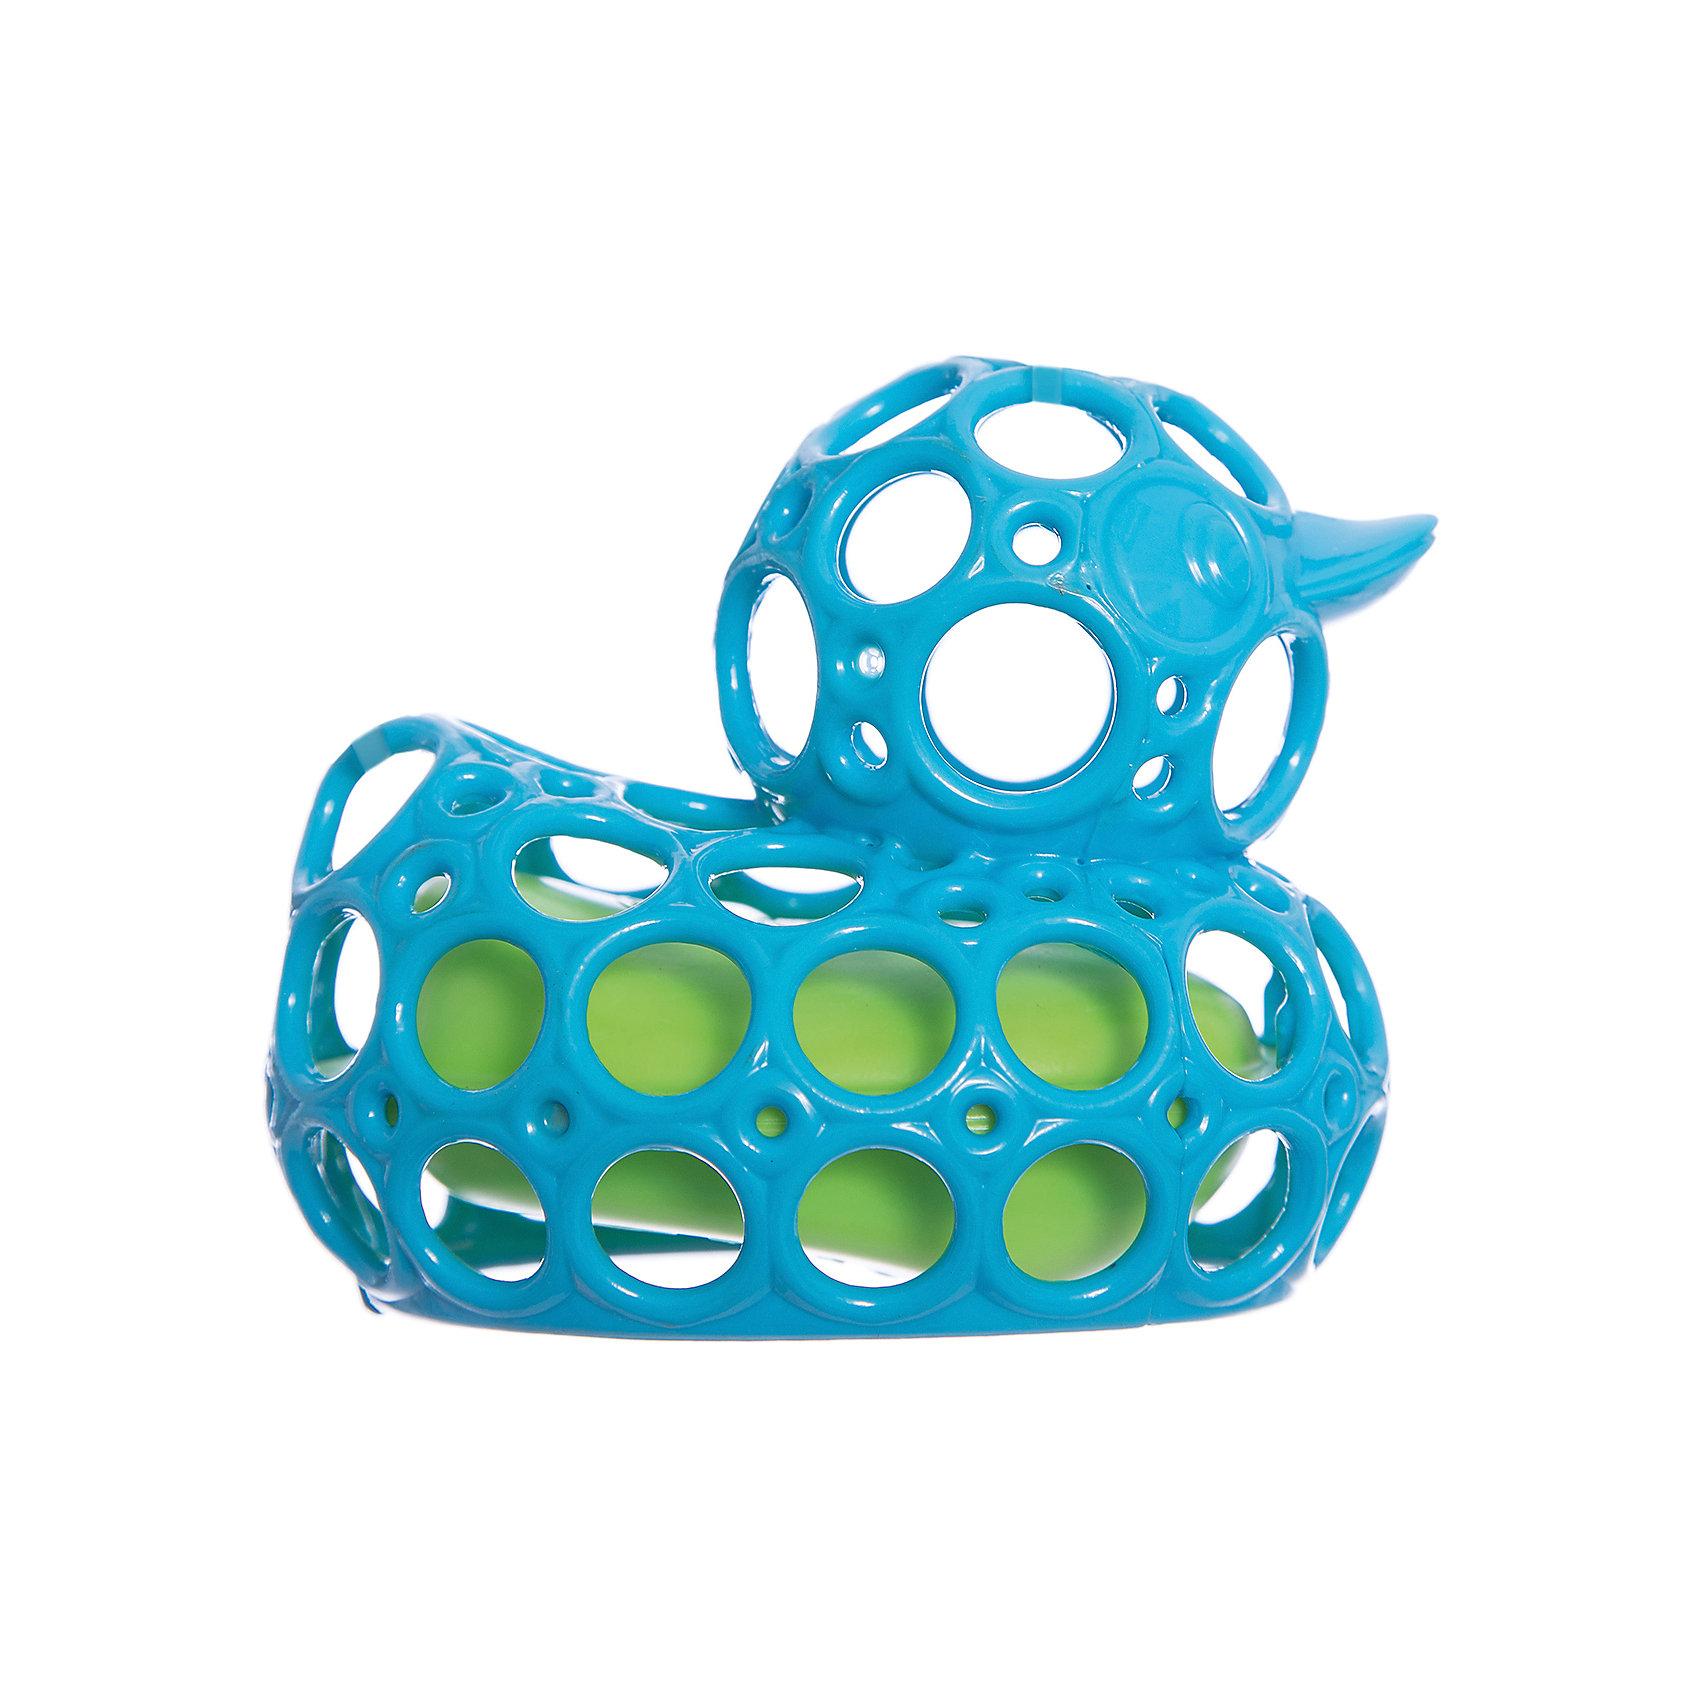 Игрушка для ванны Уточка, голубая, OballИгрушка для ванны Уточка, голубая, от знаменитого американского бренда Oball (Обал). Яркая и веселая игрушка изготовлена из высококачественного пластика и сделает игру в ванной малыша еще интереснее! Специальные колечки уточки сделаны для того, чтобы игрушку можно было держать маленькими пальчиками, а сама уточка плавает если положить ее на воду. Игрушка поможет развить цветовое и тактильное восприятие ребенка. <br>- Дополнительная информация:<br>- Материал: пластик<br>- Размер 9 * 11 * 12 см.<br><br>Игрушку для ванны Уточка, голубая, Oball можно купить в нашем интернет-магазине.<br><br>Подробнее:<br>• Для детей в возрасте: от 3 месяцев до 1 года<br>• Номер товара: 4918376<br>Страна производитель: Китай<br><br>Ширина мм: 138<br>Глубина мм: 178<br>Высота мм: 76<br>Вес г: 60<br>Возраст от месяцев: 6<br>Возраст до месяцев: 36<br>Пол: Унисекс<br>Возраст: Детский<br>SKU: 4918376